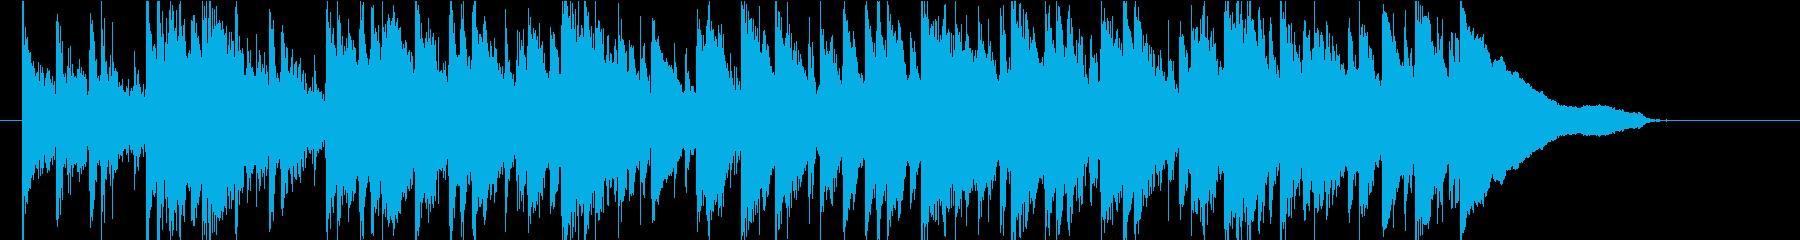 おしゃれで優雅なボサノバ30秒ジングル!の再生済みの波形